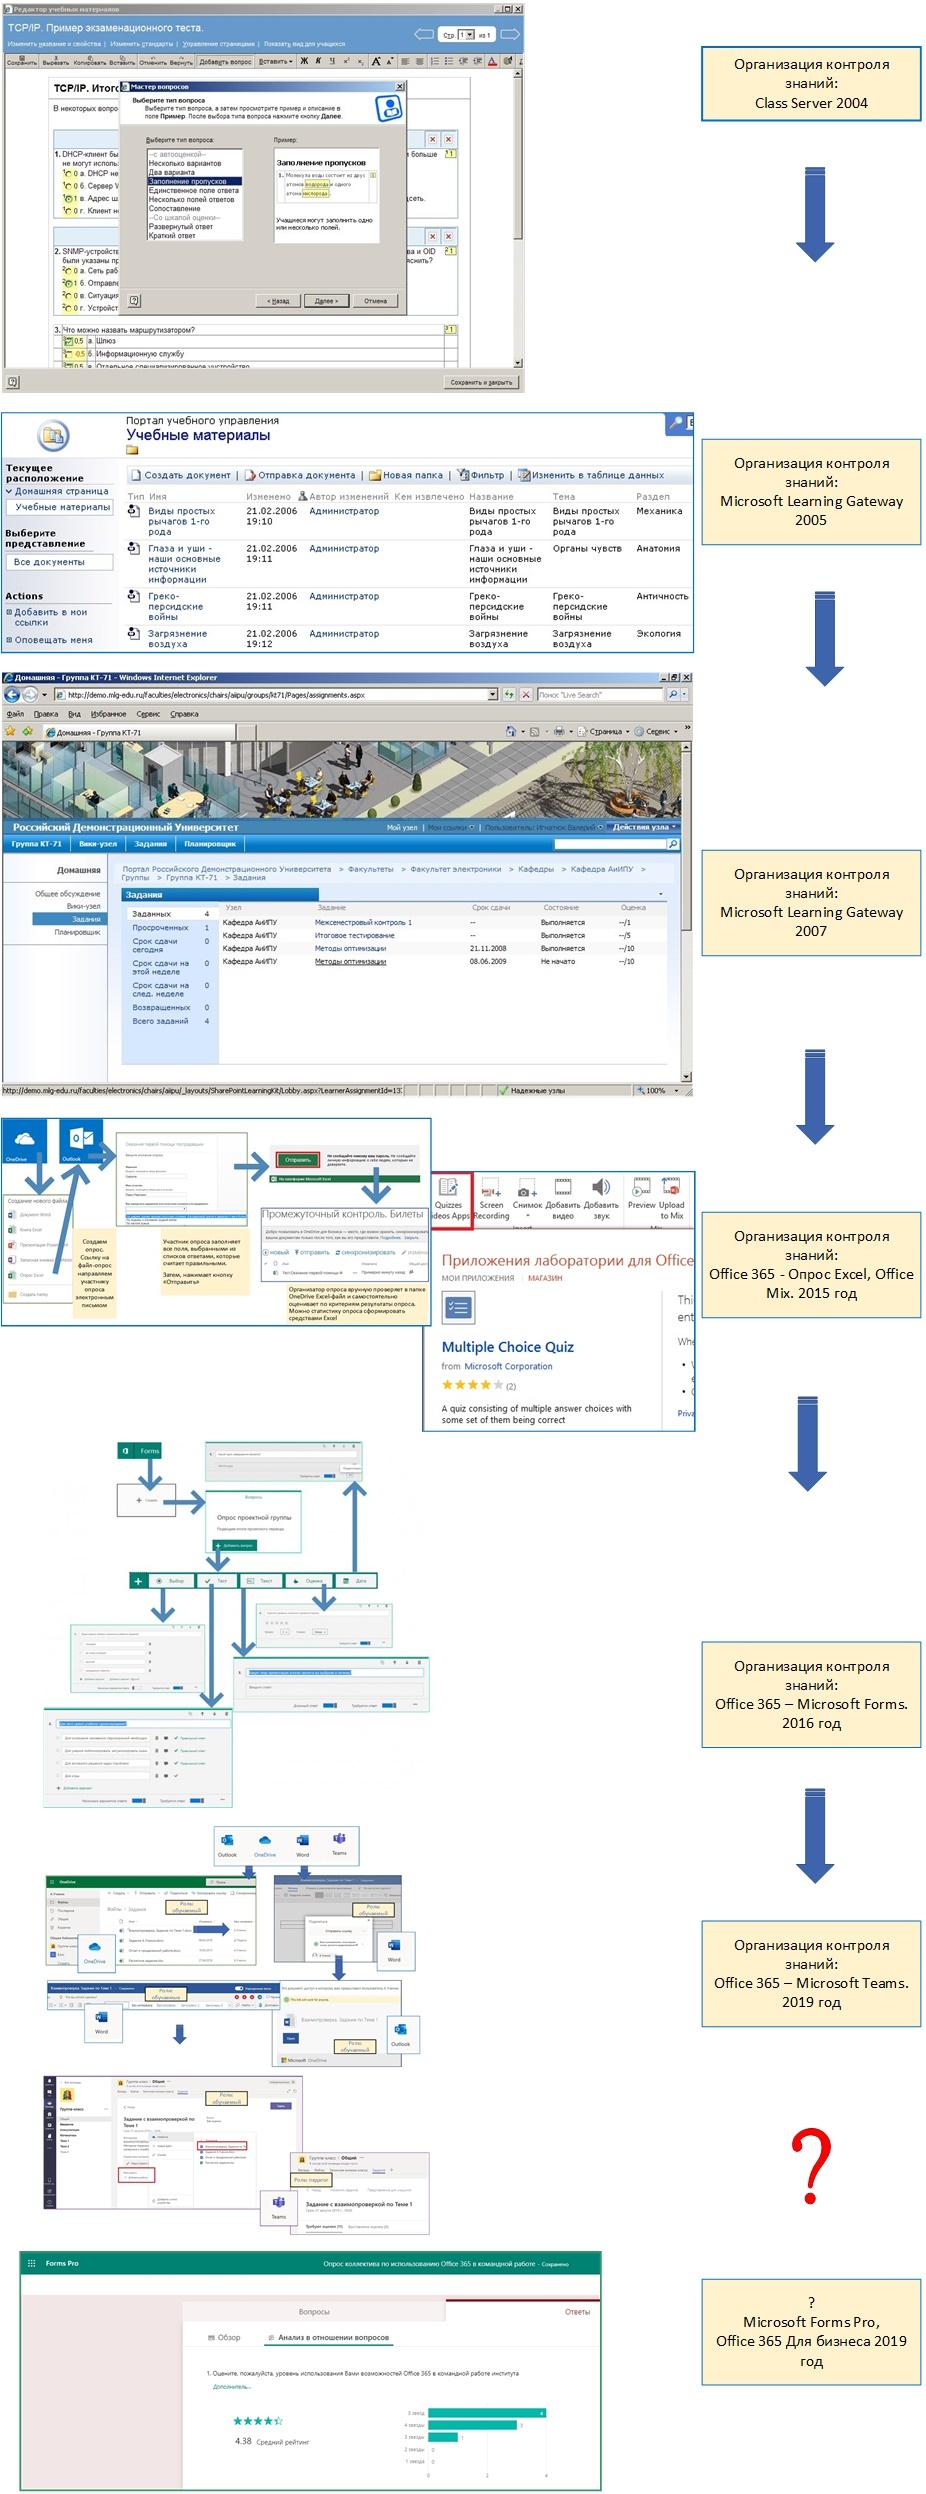 Примерная схема подходов к контролю знаний в решениях Microsoft